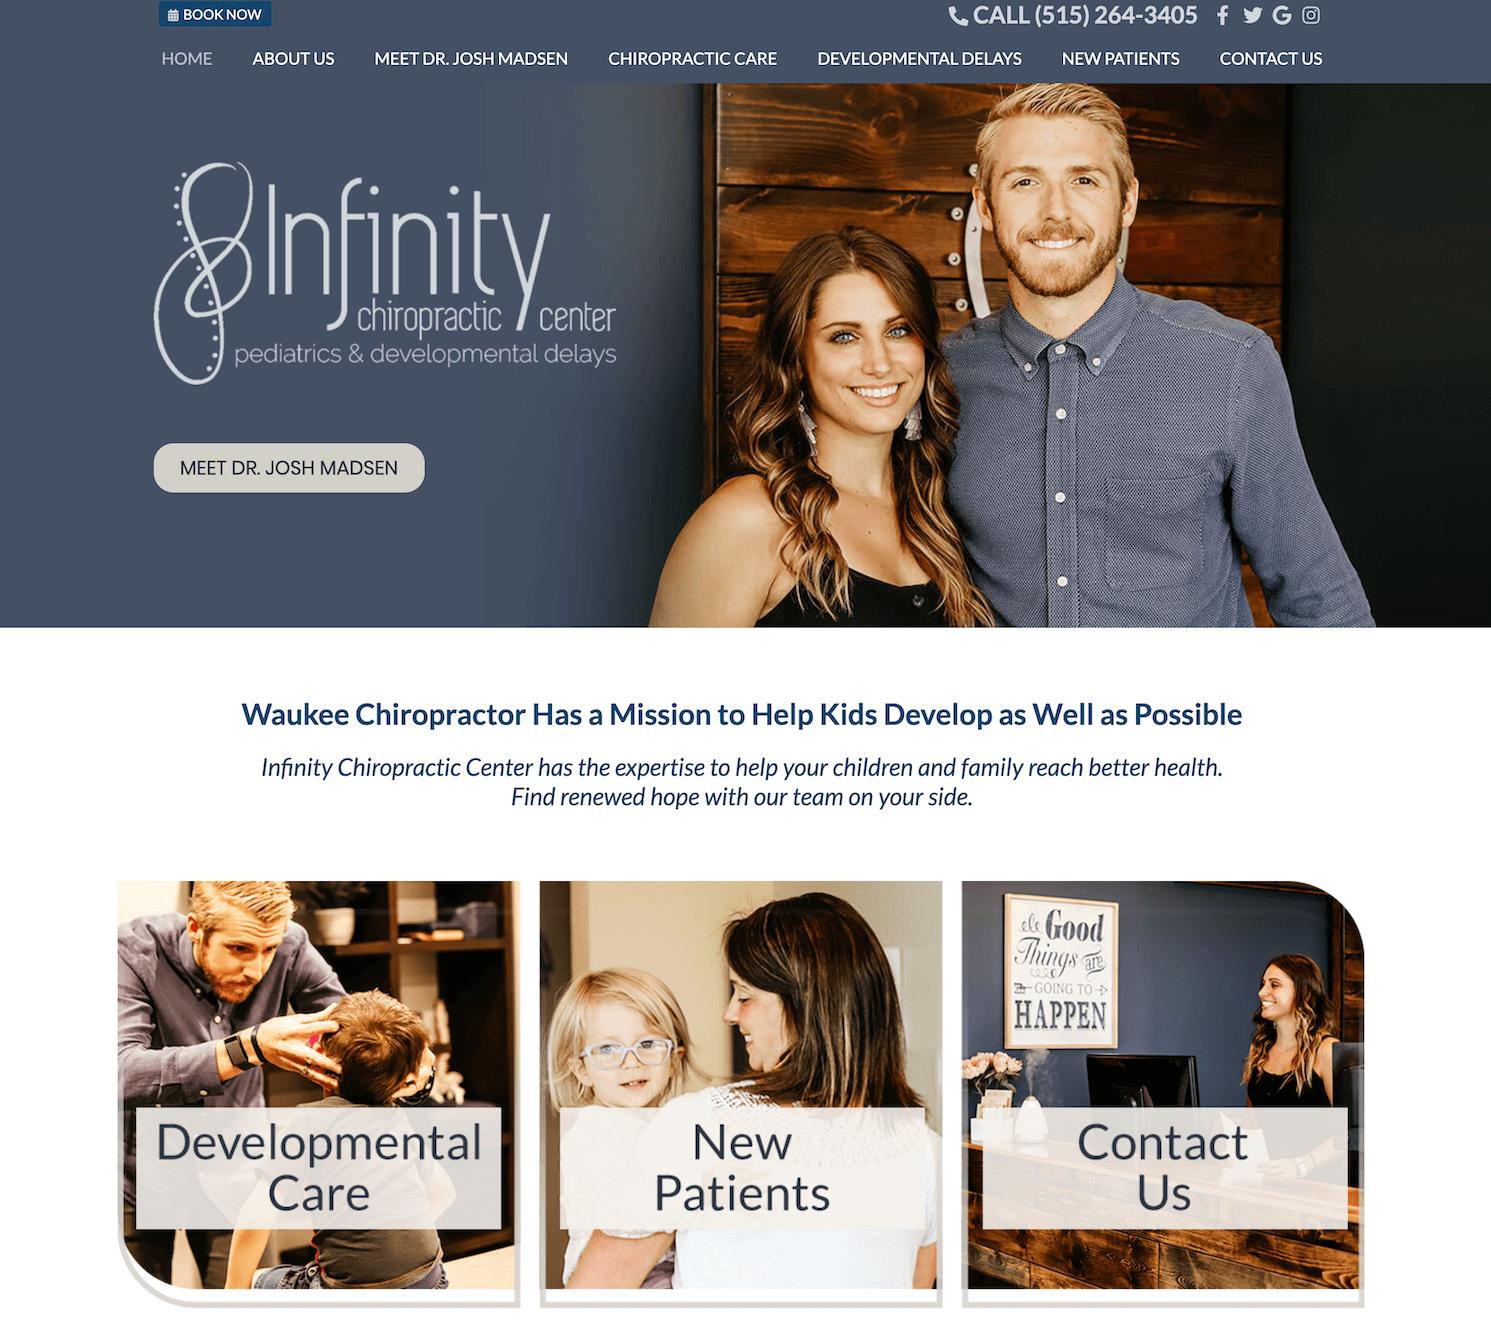 Iowa Infinity